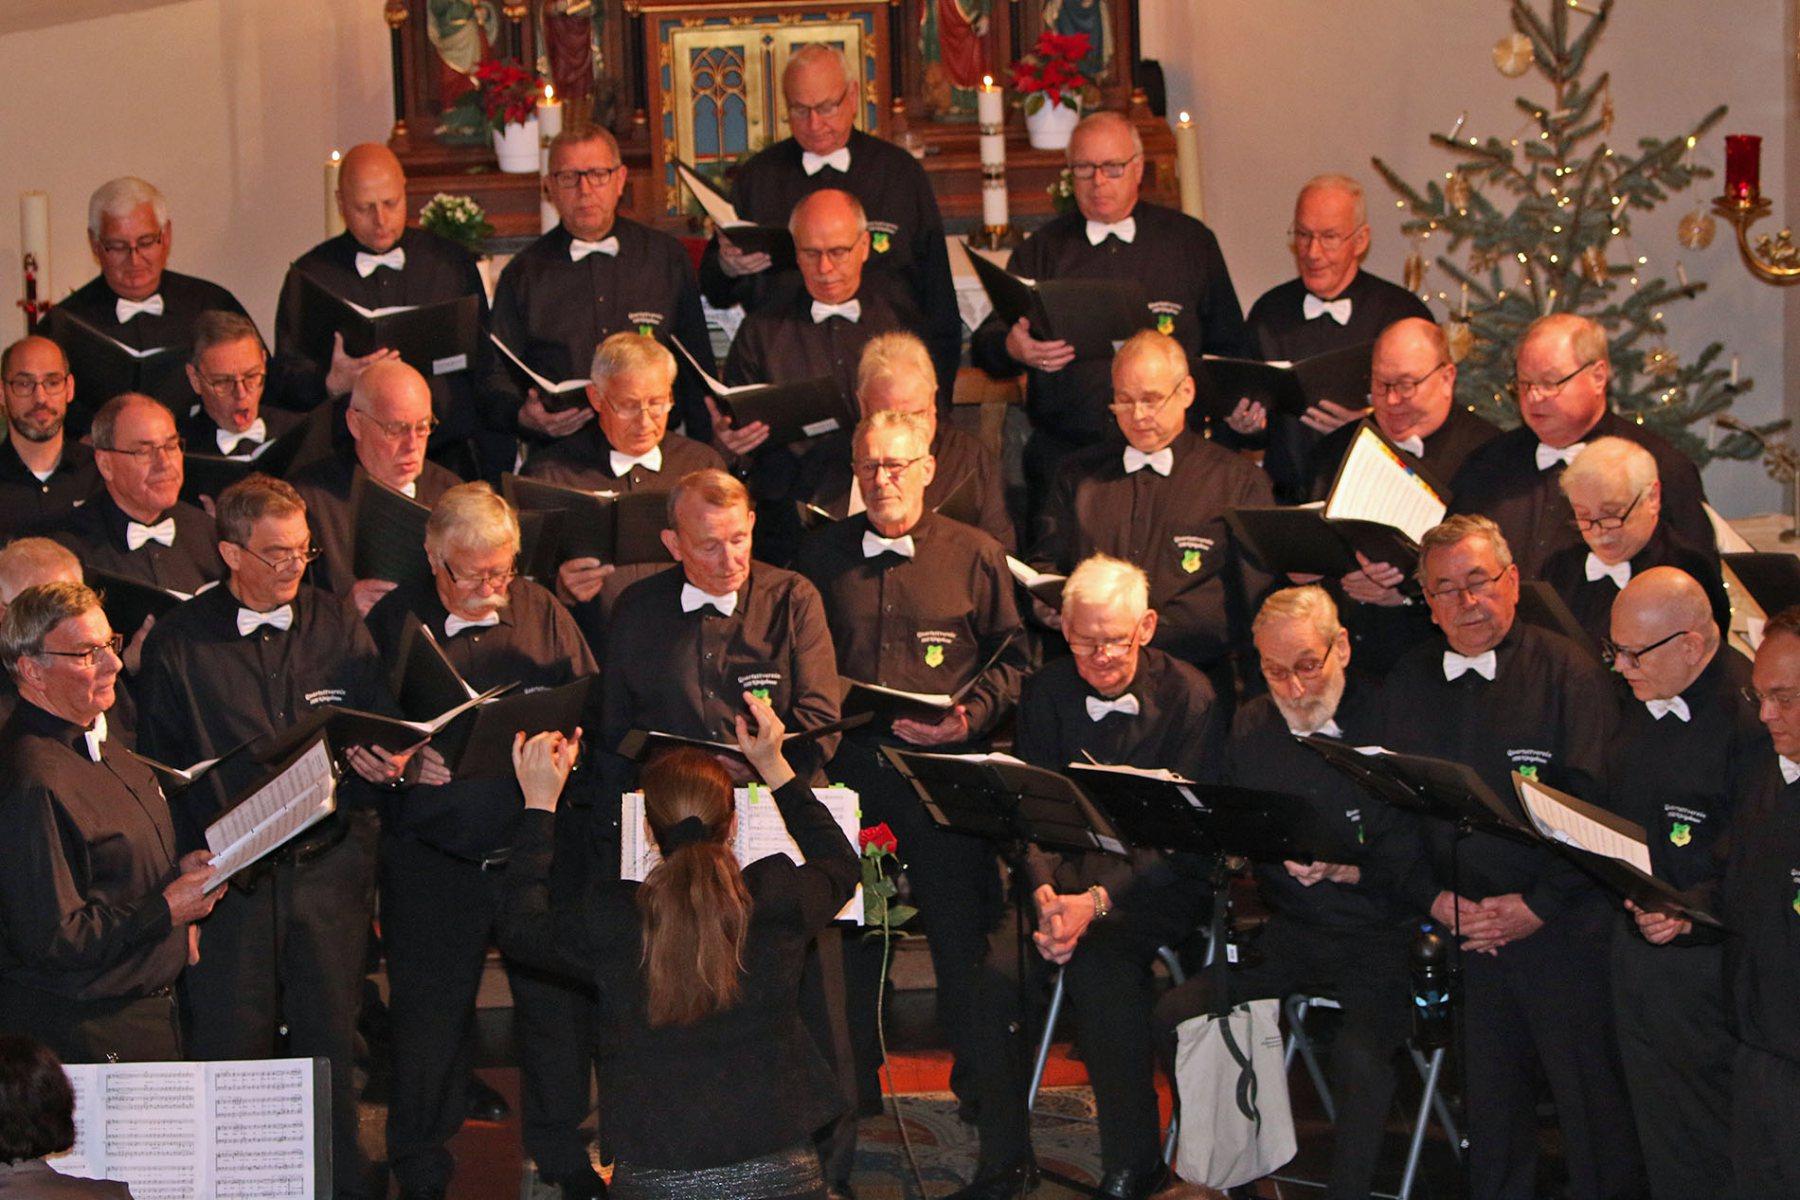 20200112_Neujahrskonzert-Kulturkirche-Elsdorf-Angelsdorf_Foto006